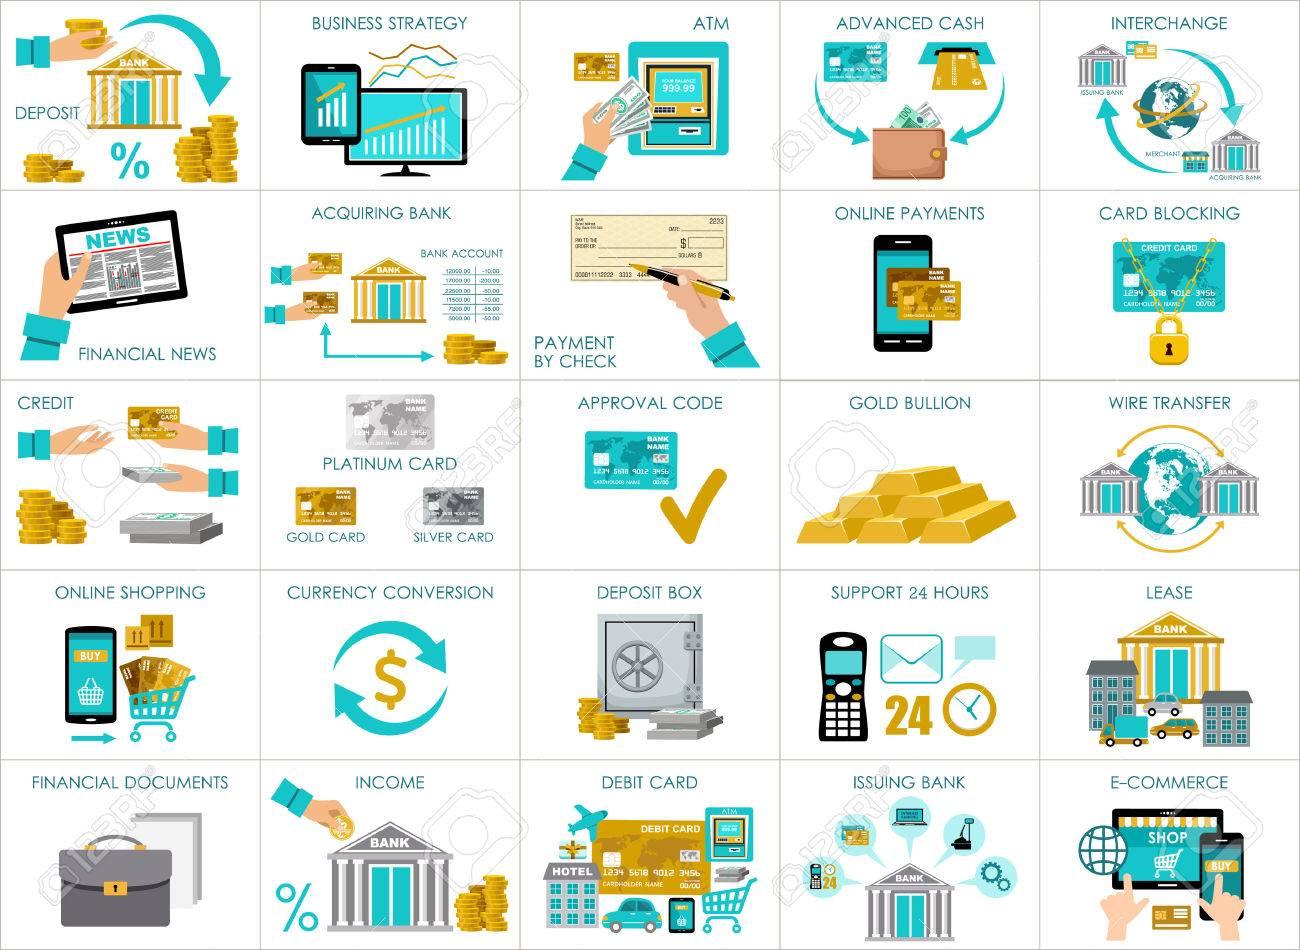 大きな銀行セットです銀行業務のイラストを含むベクトルのイラスト素材